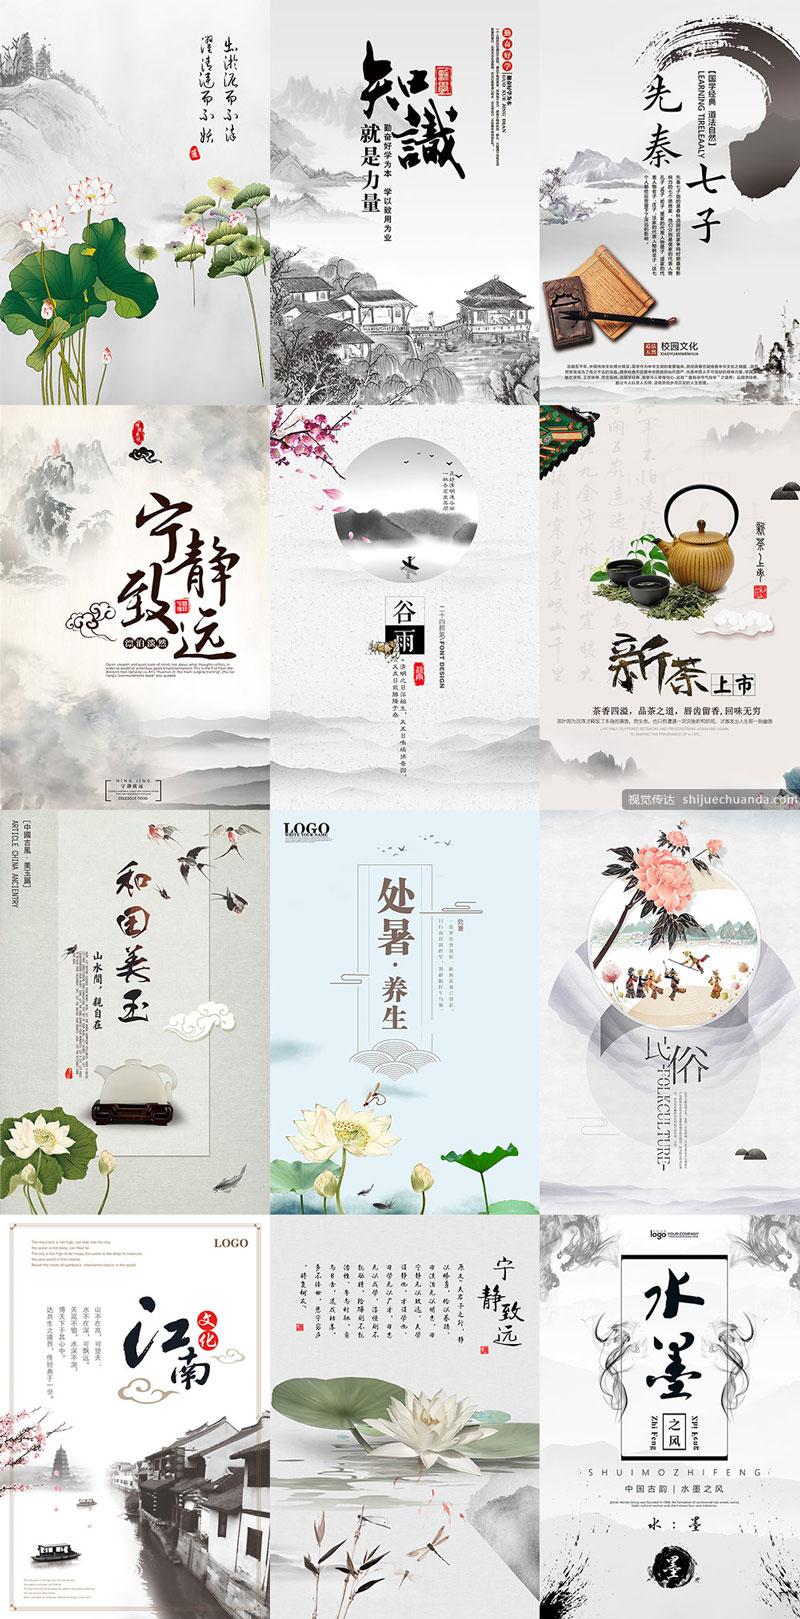 12张中国风节气海报,PSD源文件